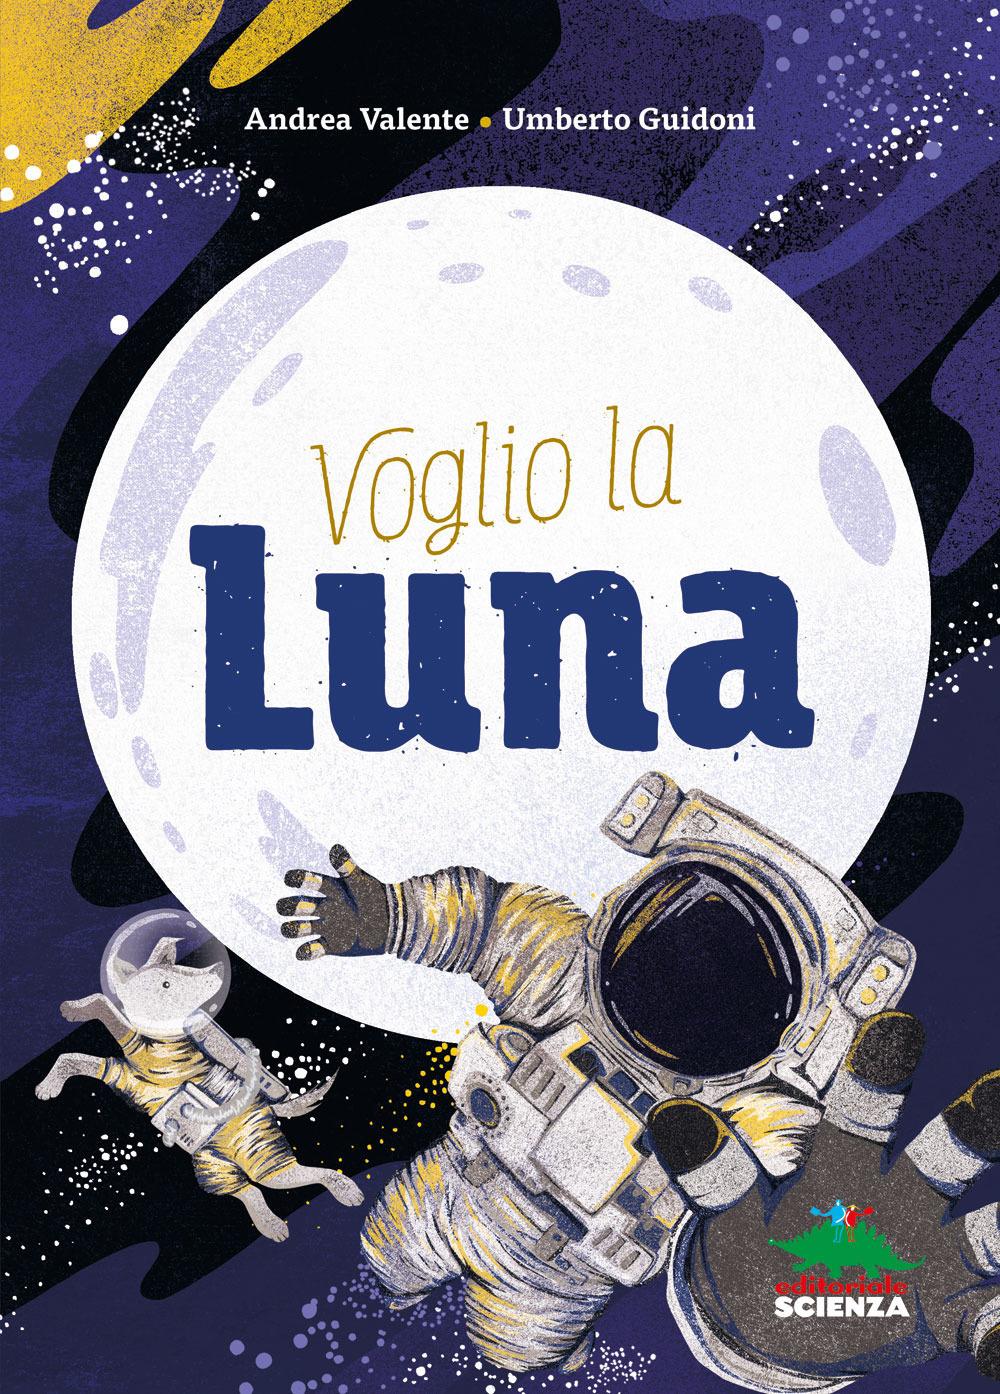 Voglio la Luna - Andrea Valente e Umberto Guidoni